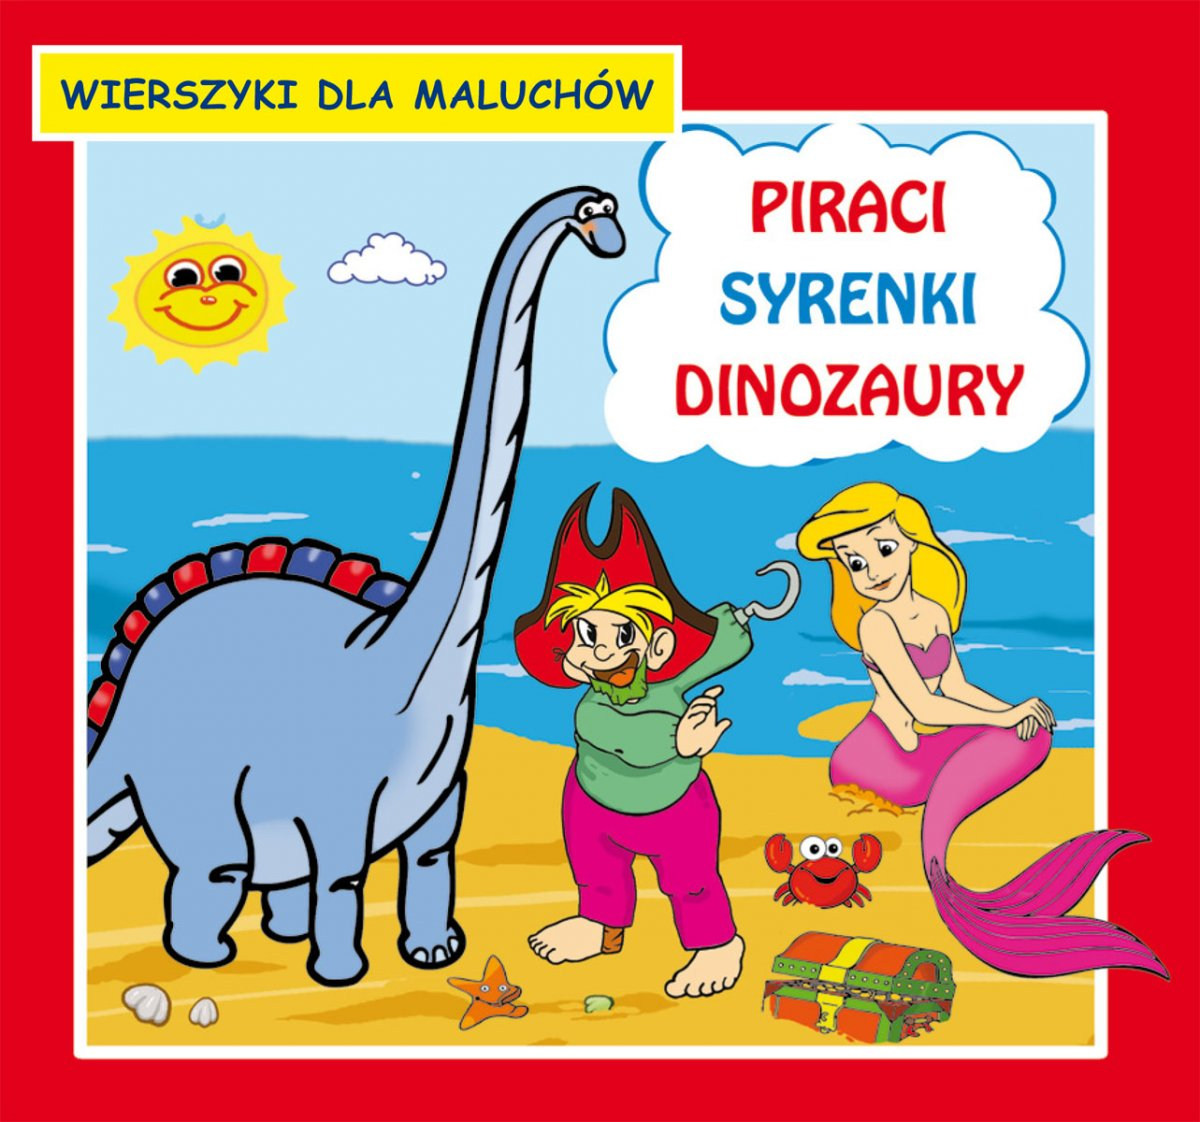 Piraci. Syrenki. Dinozaury. Wierszyki dla maluchów - Ebook (Książka PDF) do pobrania w formacie PDF